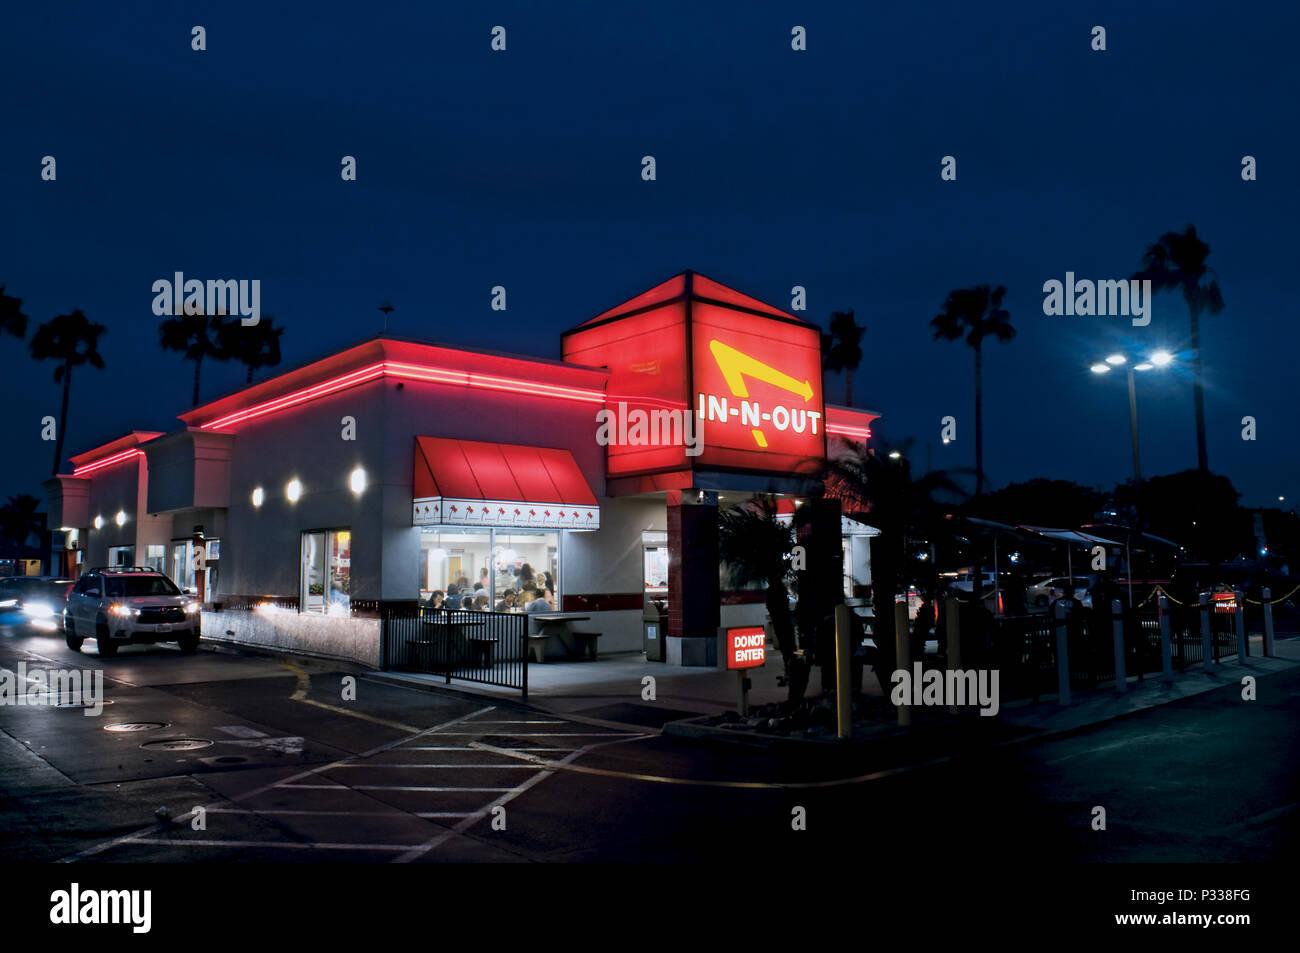 In-N-out au restaurant de l'aéroport LAX Los Angeles, Californie Photo Stock